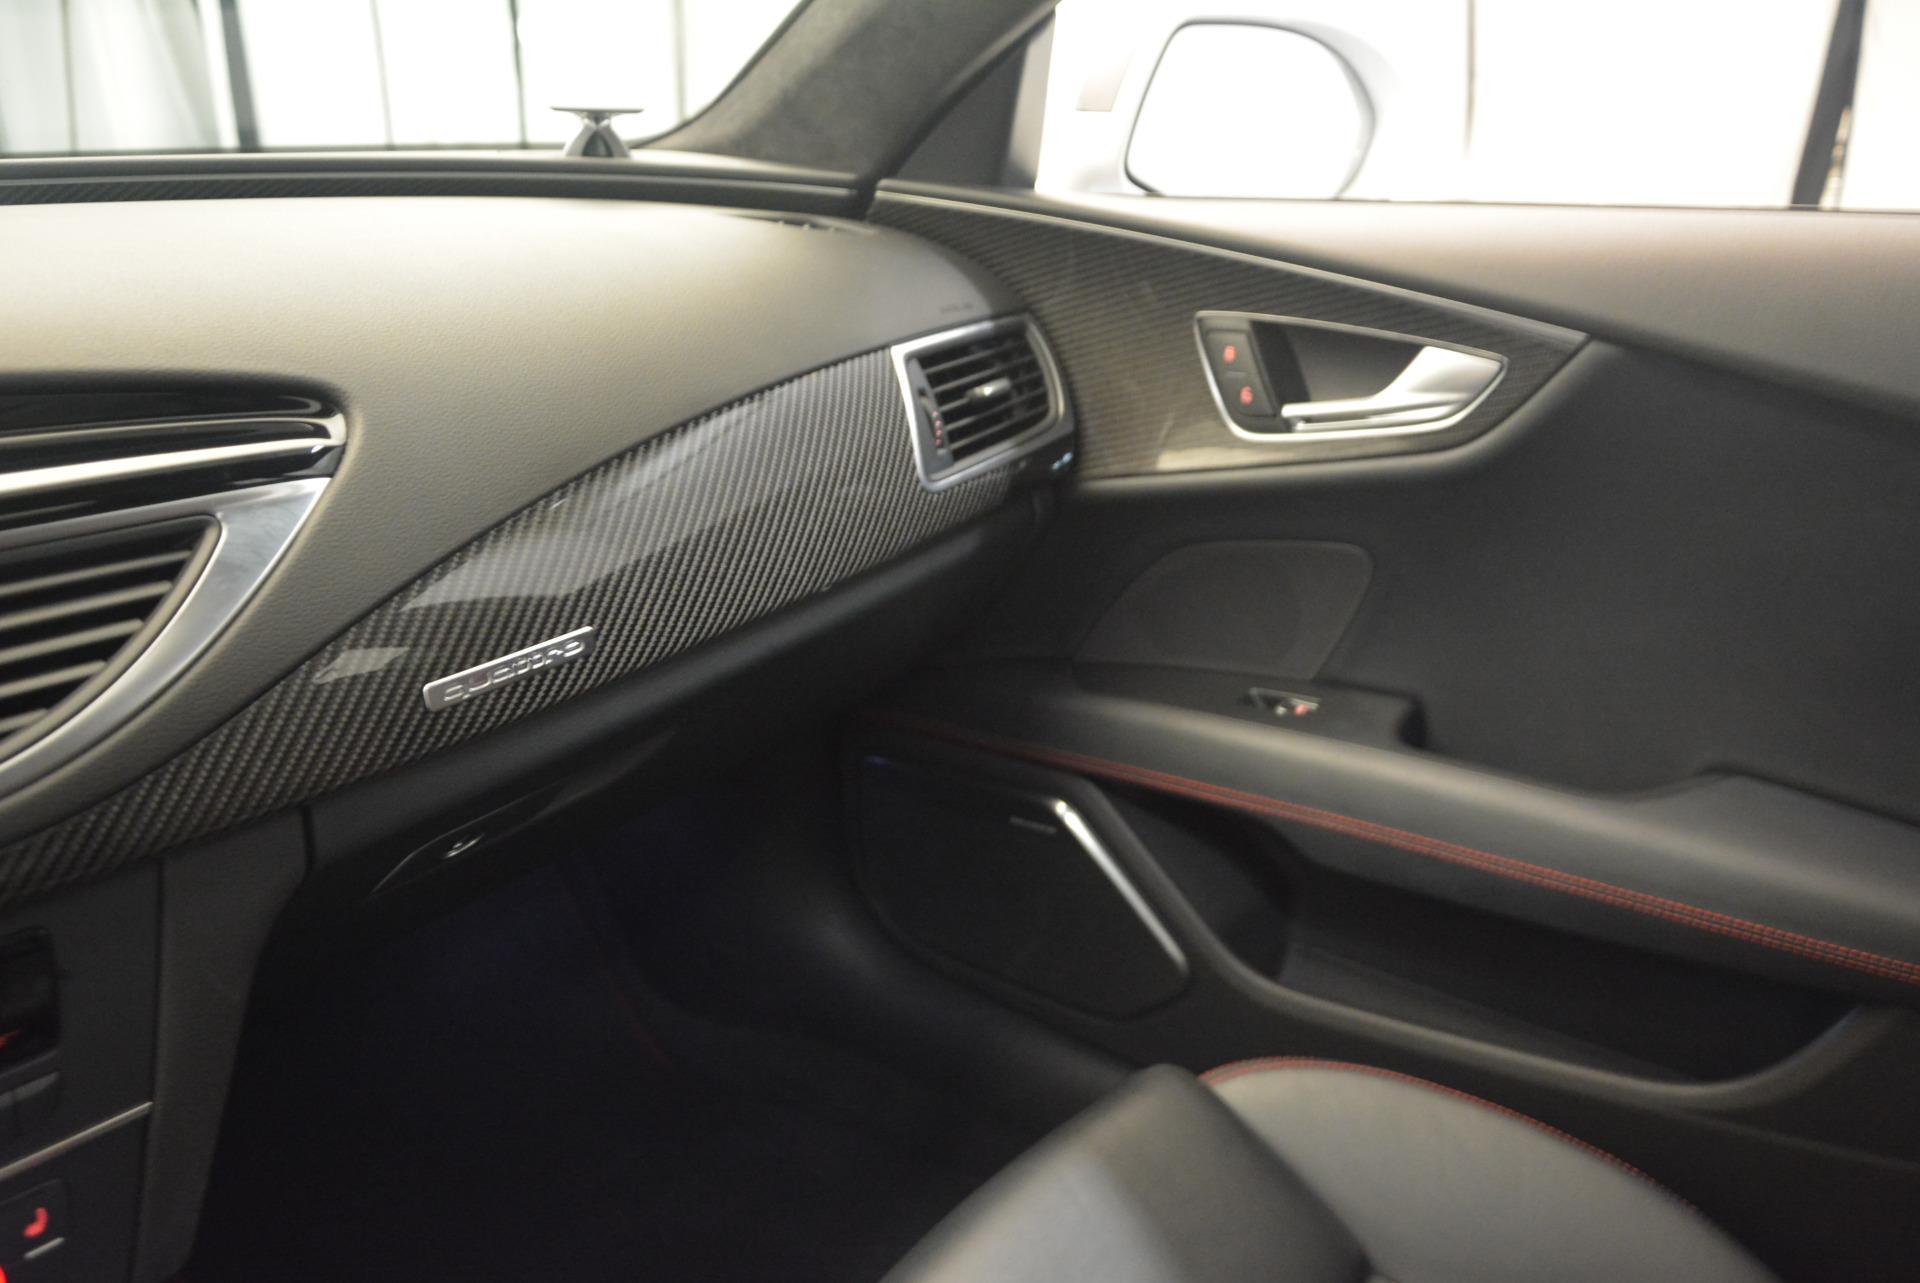 Used 2014 Audi RS 7 4.0T quattro Prestige For Sale In Westport, CT 1262_p30